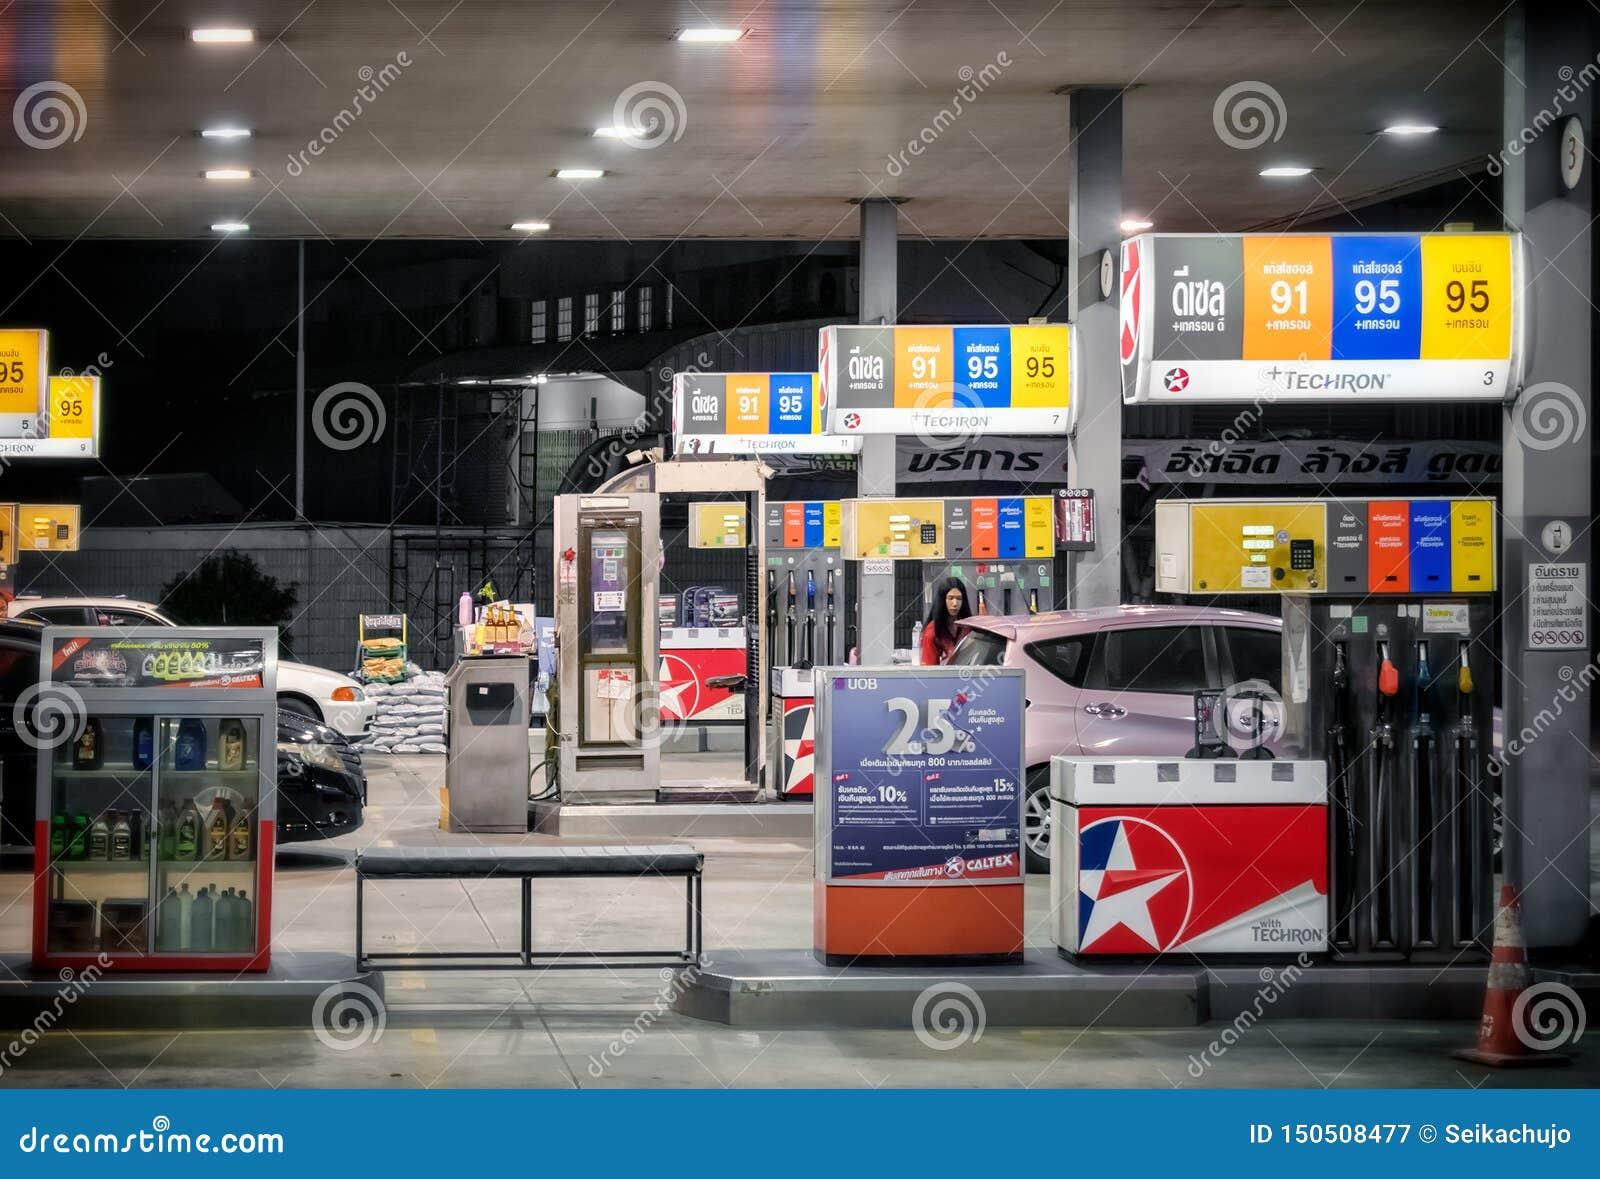 BANGKOK, THAILAND - 12. JUNI: Caltex-Benzin petro Station dient verschiedenen Techron-Brennstoff auf Pumpen auf Katchanapisek-Str